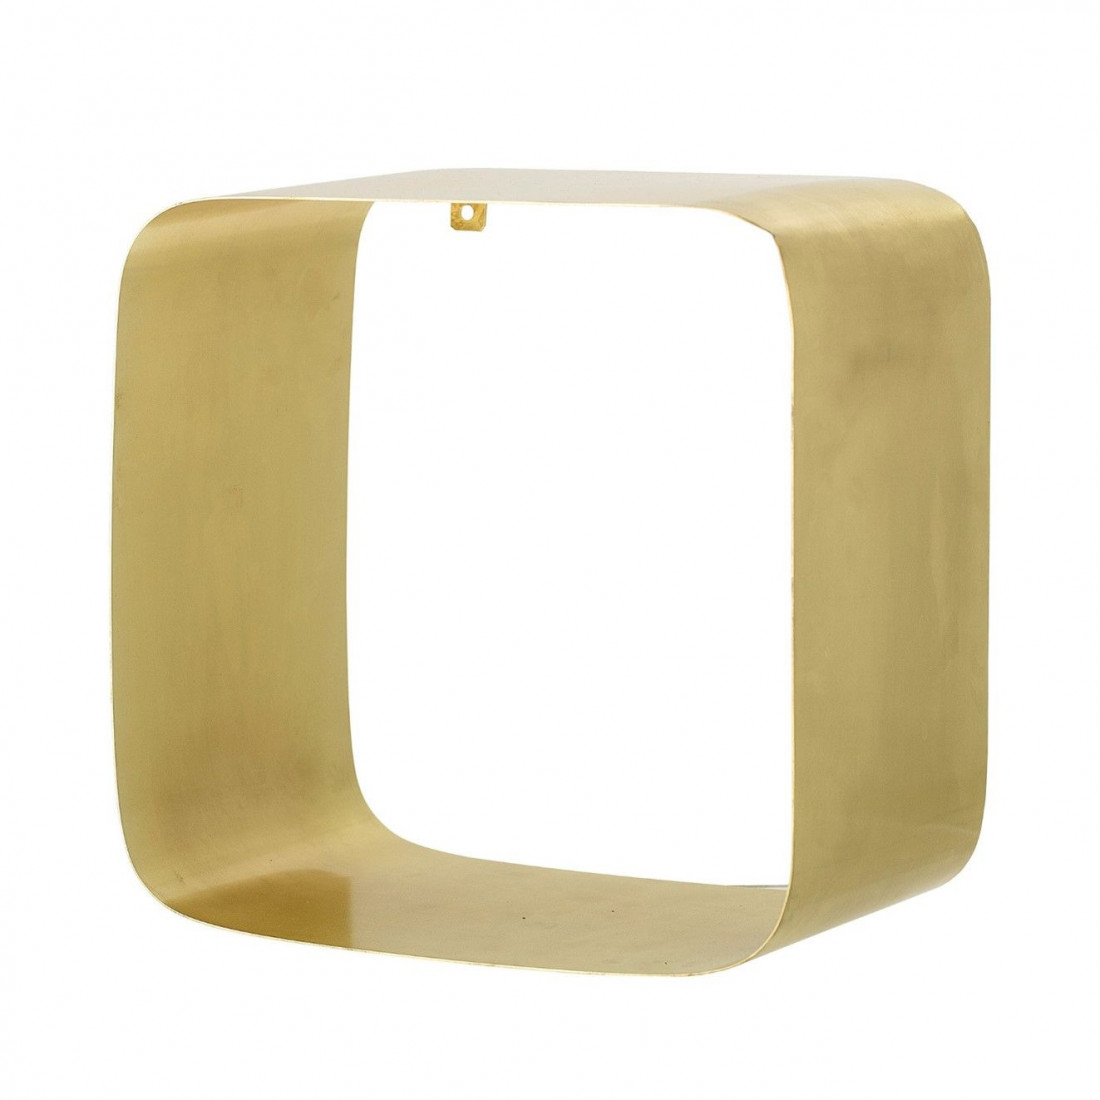 Étagère carrée dorée de la marque Bloomingville